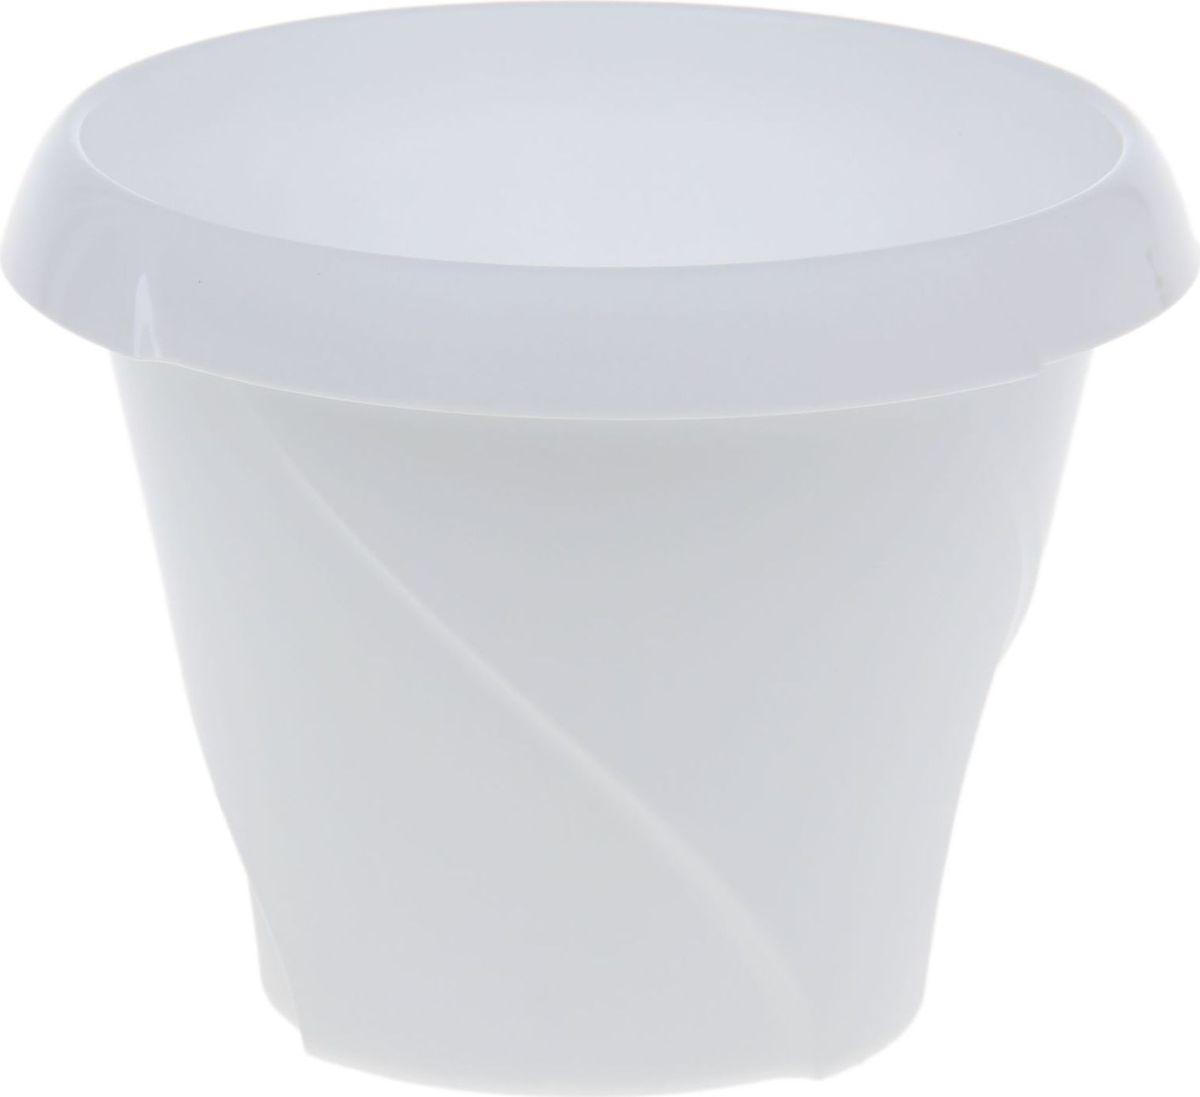 Кашпо Martika Флориана, цвет: белый, 0,7 лNLED-454-9W-BKЛюбой, даже самый современный и продуманный интерьер будет не завершённым без растений. Они не только очищают воздух и насыщают его кислородом, но и заметно украшают окружающее пространство. Такому полезному члену семьи просто необходимо красивое и функциональное кашпо, оригинальный горшок или необычная ваза! Мы предлагаем - Кашпо 700 мл Флориана, d=13,5 см, цвет белый! Оптимальный выбор материала пластмасса! Почему мы так считаем? -Малый вес. С лёгкостью переносите горшки и кашпо с места на место, ставьте их на столики или полки, подвешивайте под потолок, не беспокоясь о нагрузке. -Простота ухода. Пластиковые изделия не нуждаются в специальных условиях хранения. Их легко чистить достаточно просто сполоснуть тёплой водой. -Никаких царапин. Пластиковые кашпо не царапают и не загрязняют поверхности, на которых стоят. -Пластик дольше хранит влагу, а значит растение реже нуждается в поливе. -Пластмасса не пропускает воздух корневой системе растения не грозят резкие перепады температур. -Огромный выбор форм, декора и расцветок вы без труда подберёте что-то, что идеально впишется в уже существующий интерьер. Соблюдая нехитрые правила ухода, вы можете заметно продлить срок службы горшков, вазонов и кашпо из пластика: -всегда учитывайте размер кроны и корневой системы растения (при разрастании большое растение способно повредить маленький горшок)-берегите изделие от воздействия прямых солнечных лучей, чтобы кашпо и горшки не выцветали-держите кашпо и горшки из пластика подальше от нагревающихся поверхностей. Создавайте прекрасные цветочные композиции, выращивайте рассаду или необычные растения, а низкие цены позволят вам не ограничивать себя в выборе.